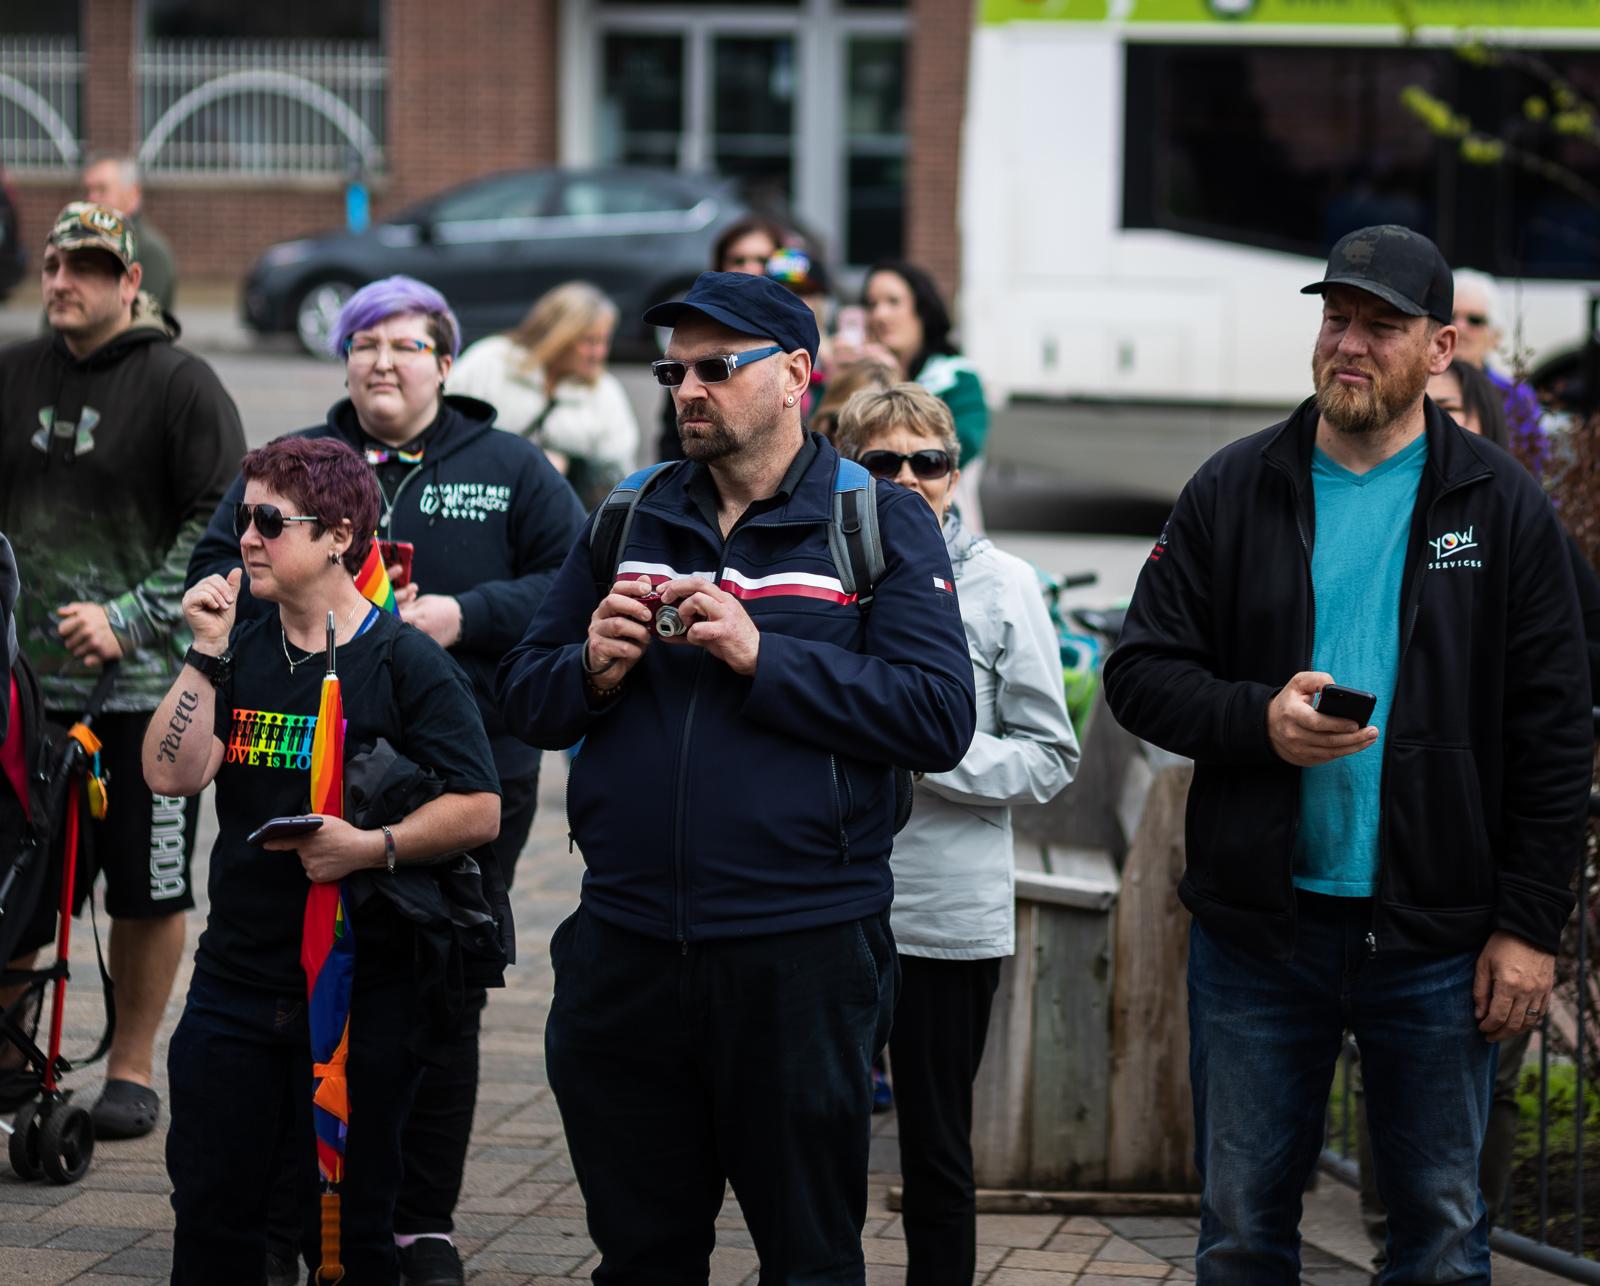 pride-2019-opening-ceremonies-blog-59.jpg